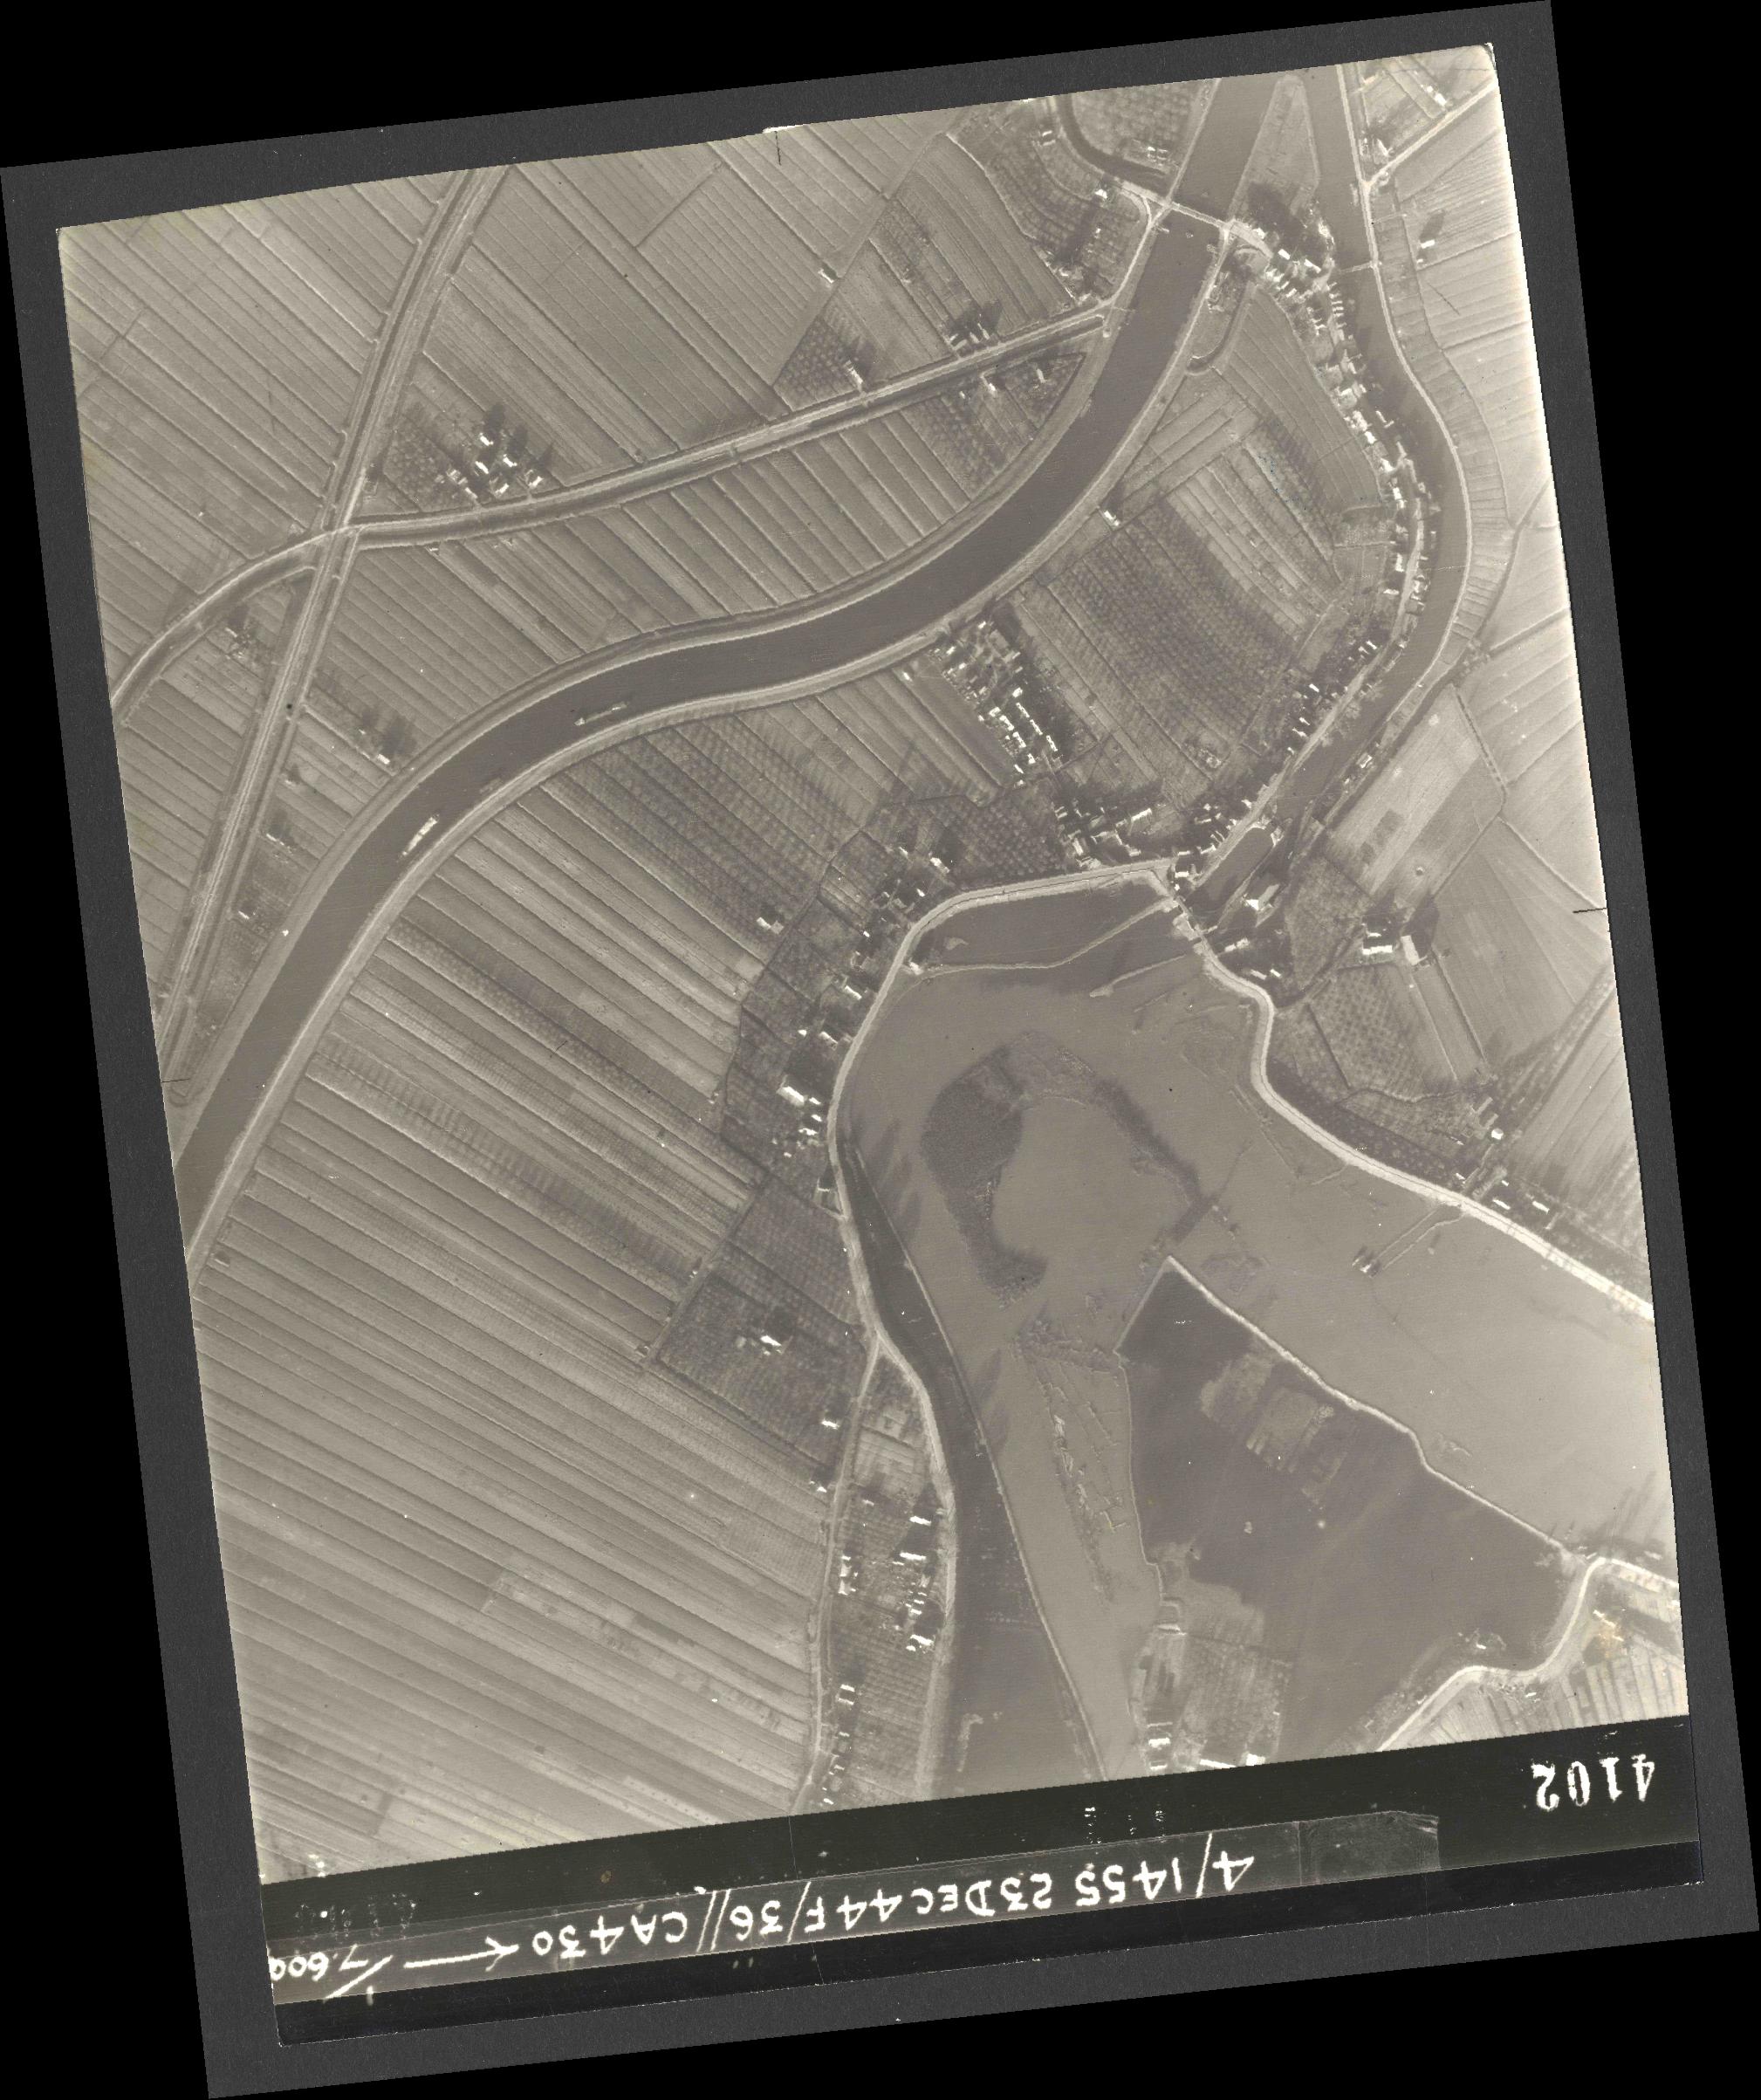 Collection RAF aerial photos 1940-1945 - flight 051, run 06, photo 4102